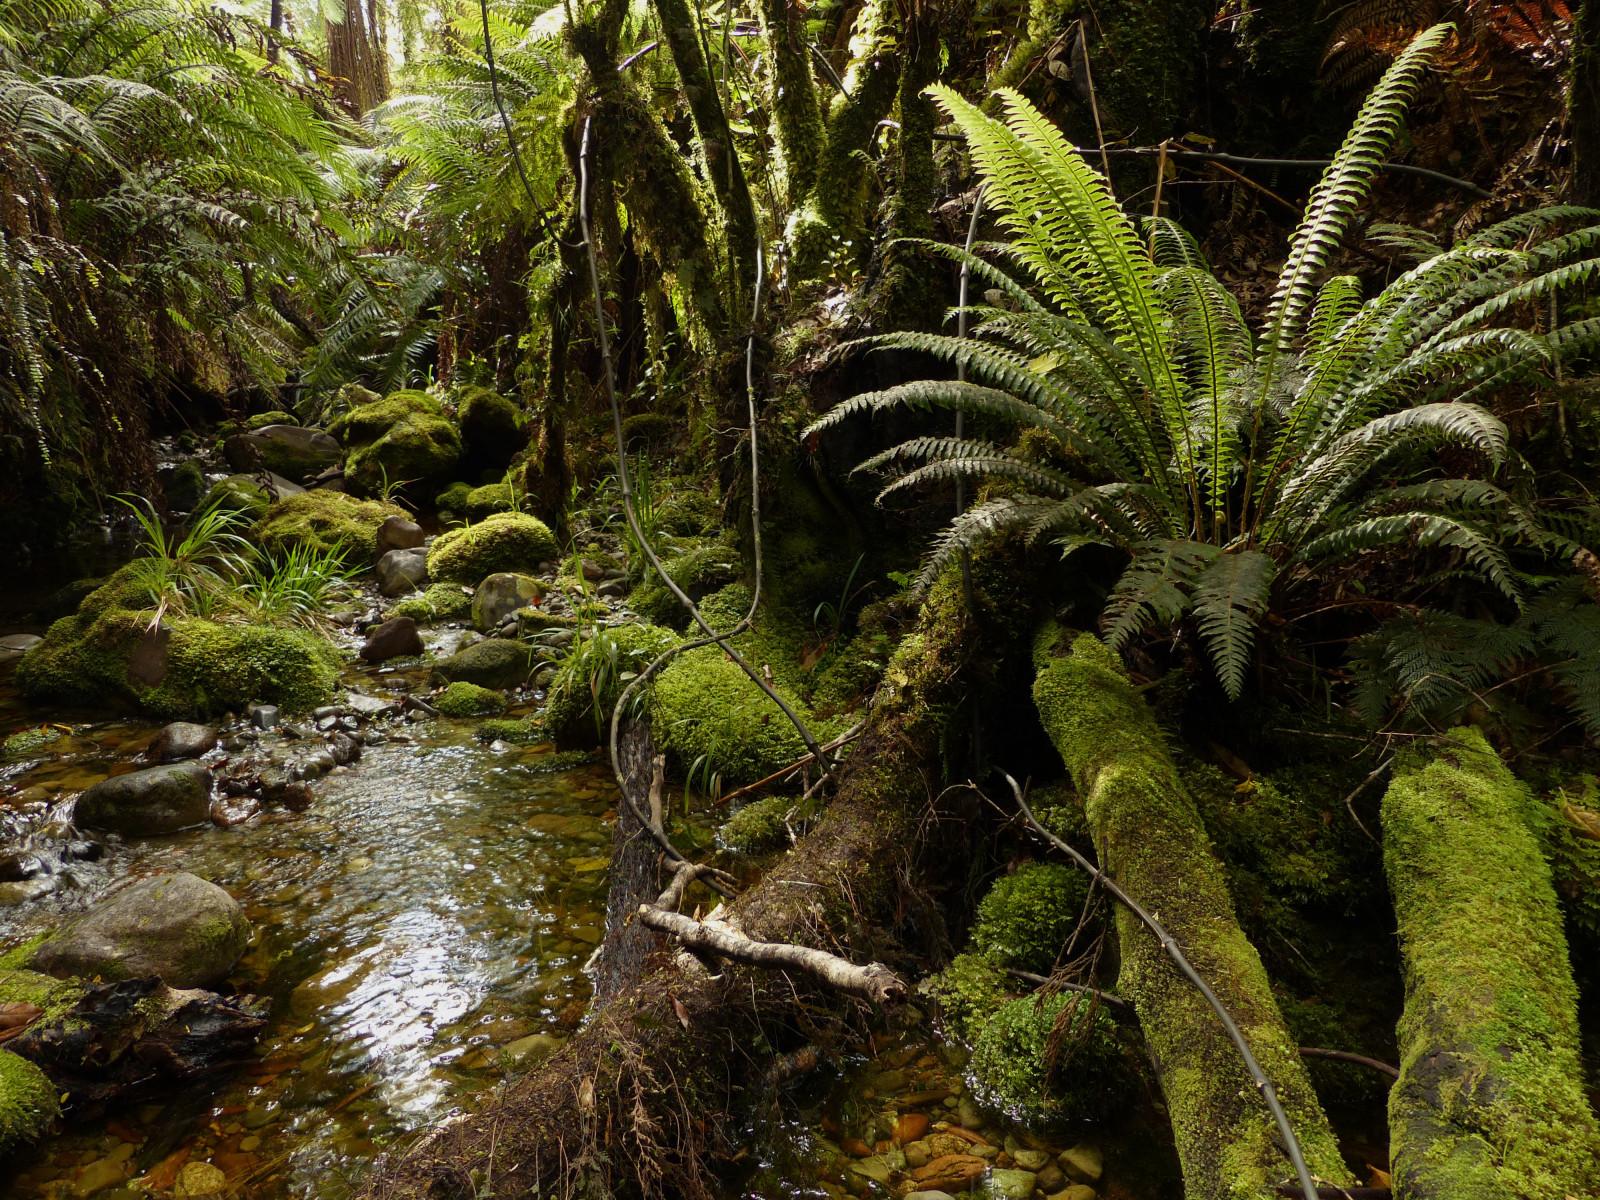 Wallpaper Landscape Photography Moss Green Rocks